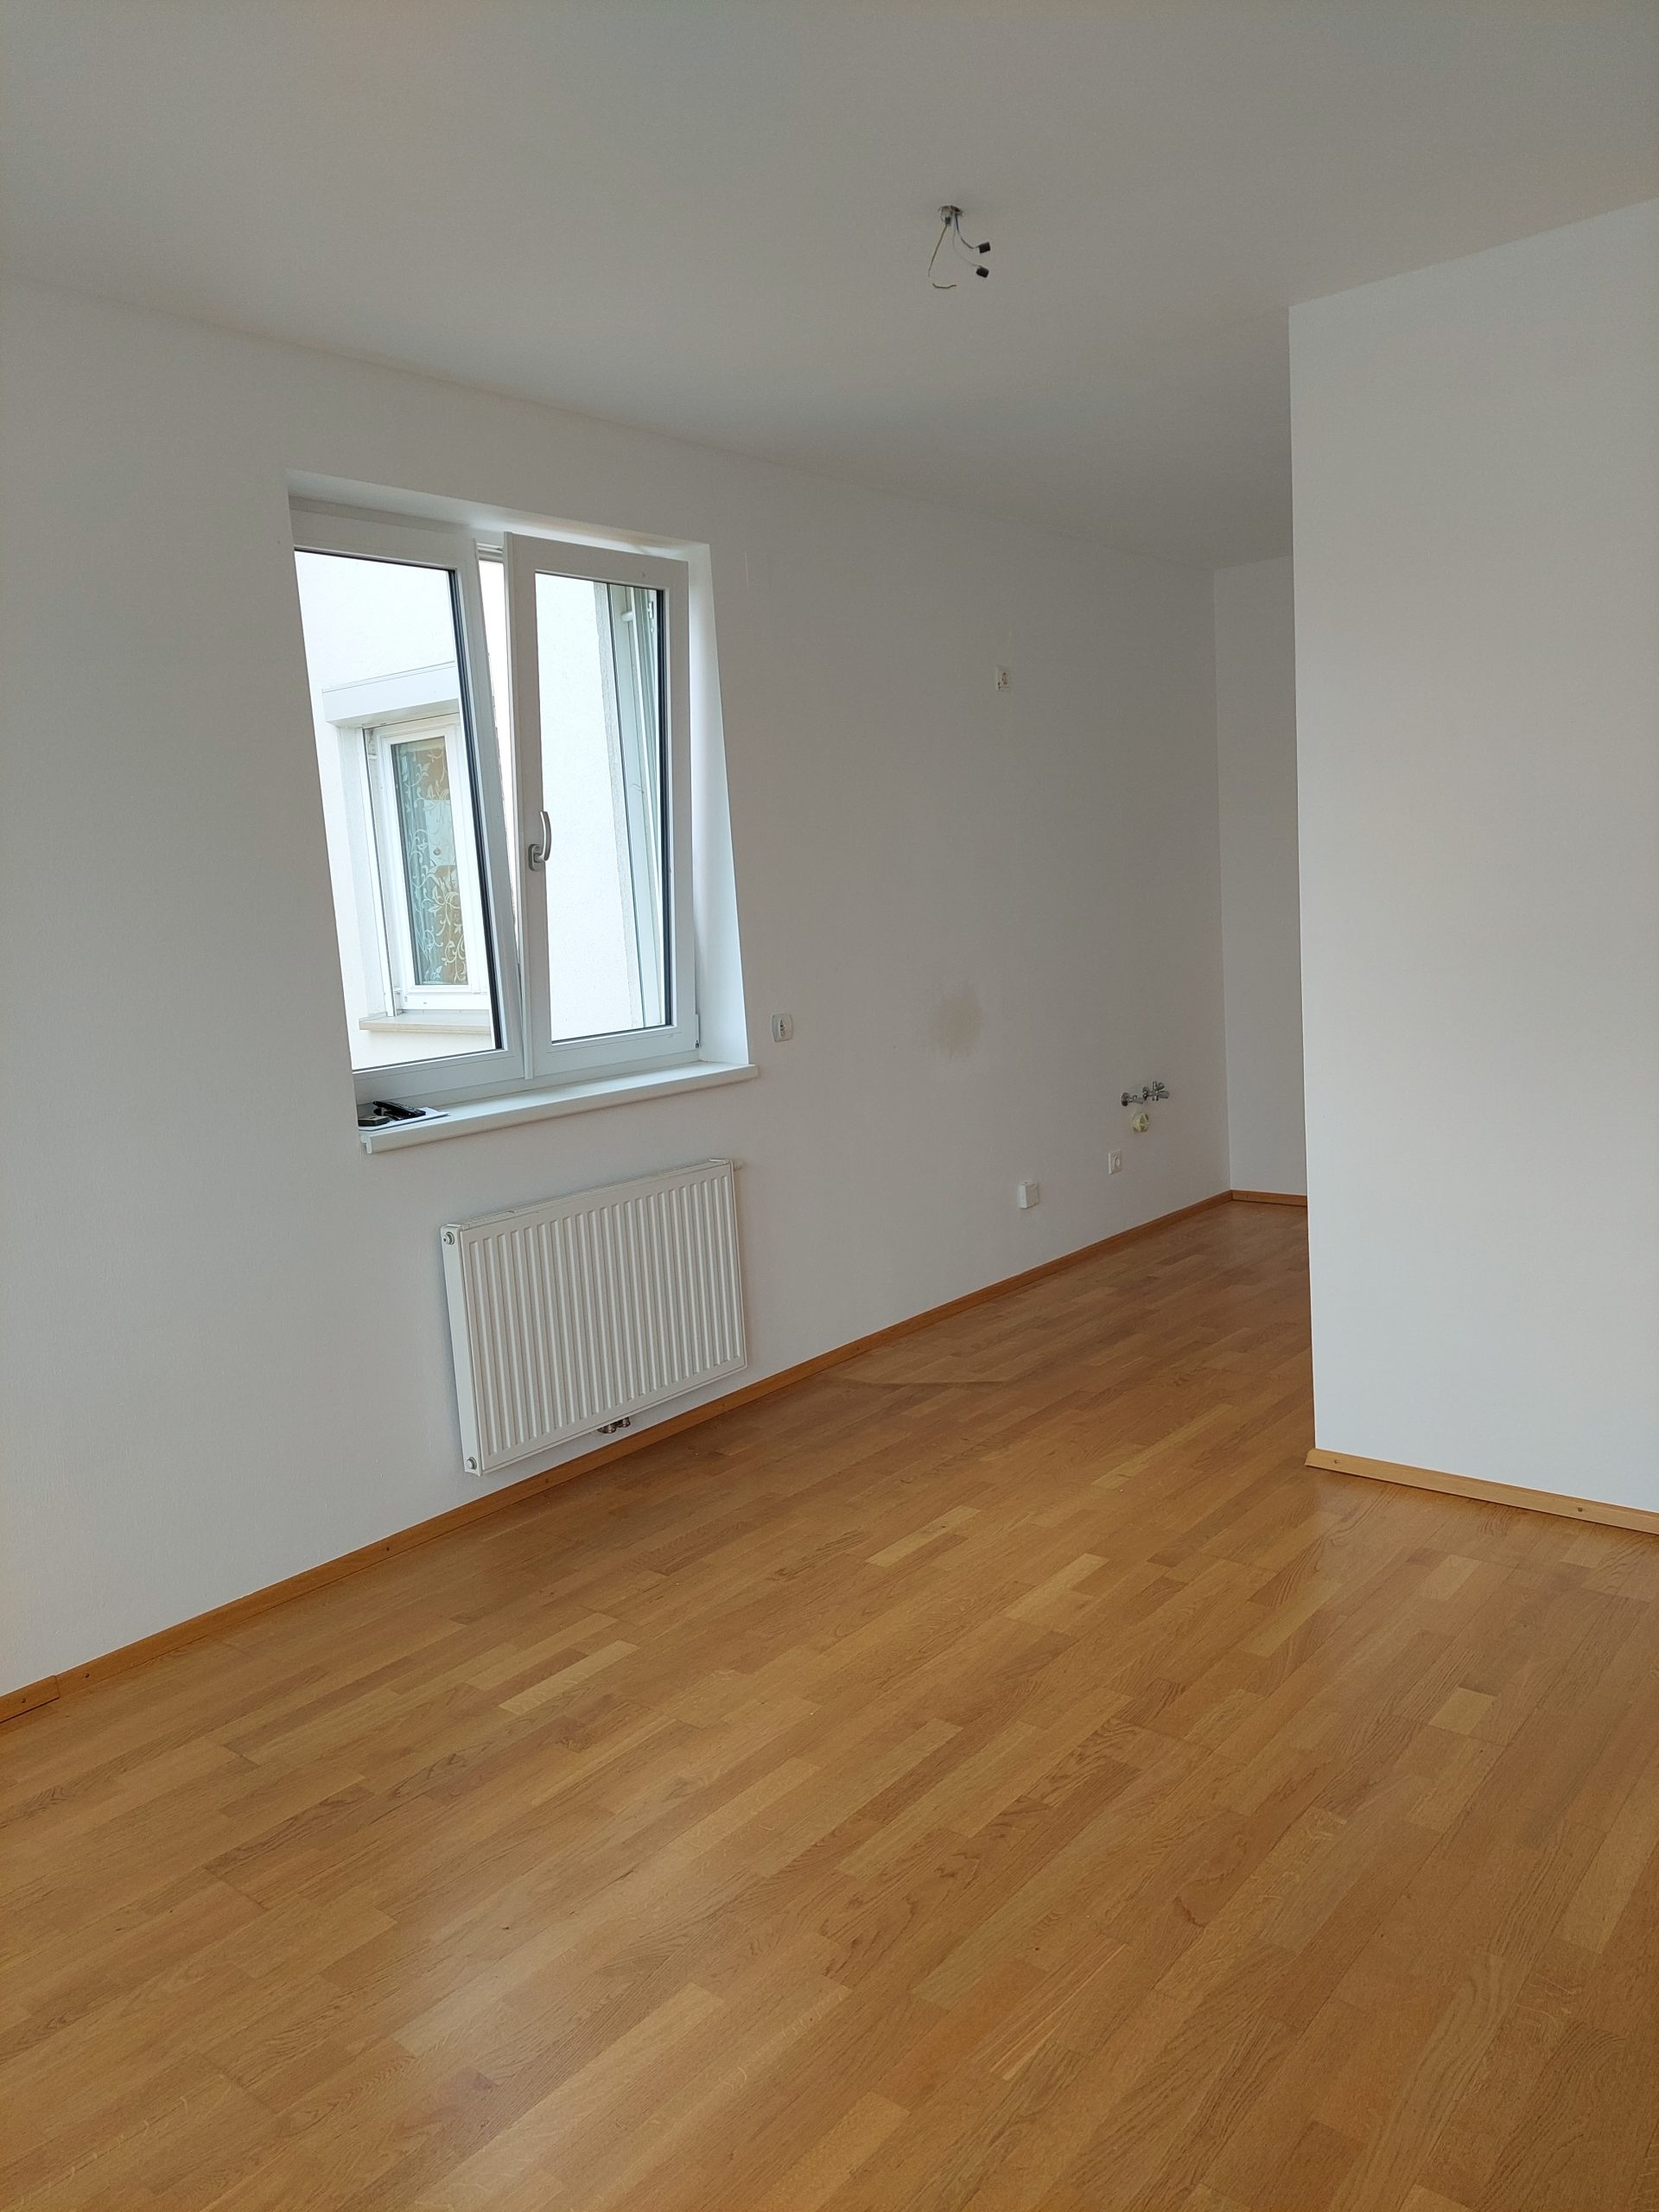 Immobilie von Kamptal in 3631 Ottenschlag, Zwettl, Ottenschlag I/1 - Top 211 #1